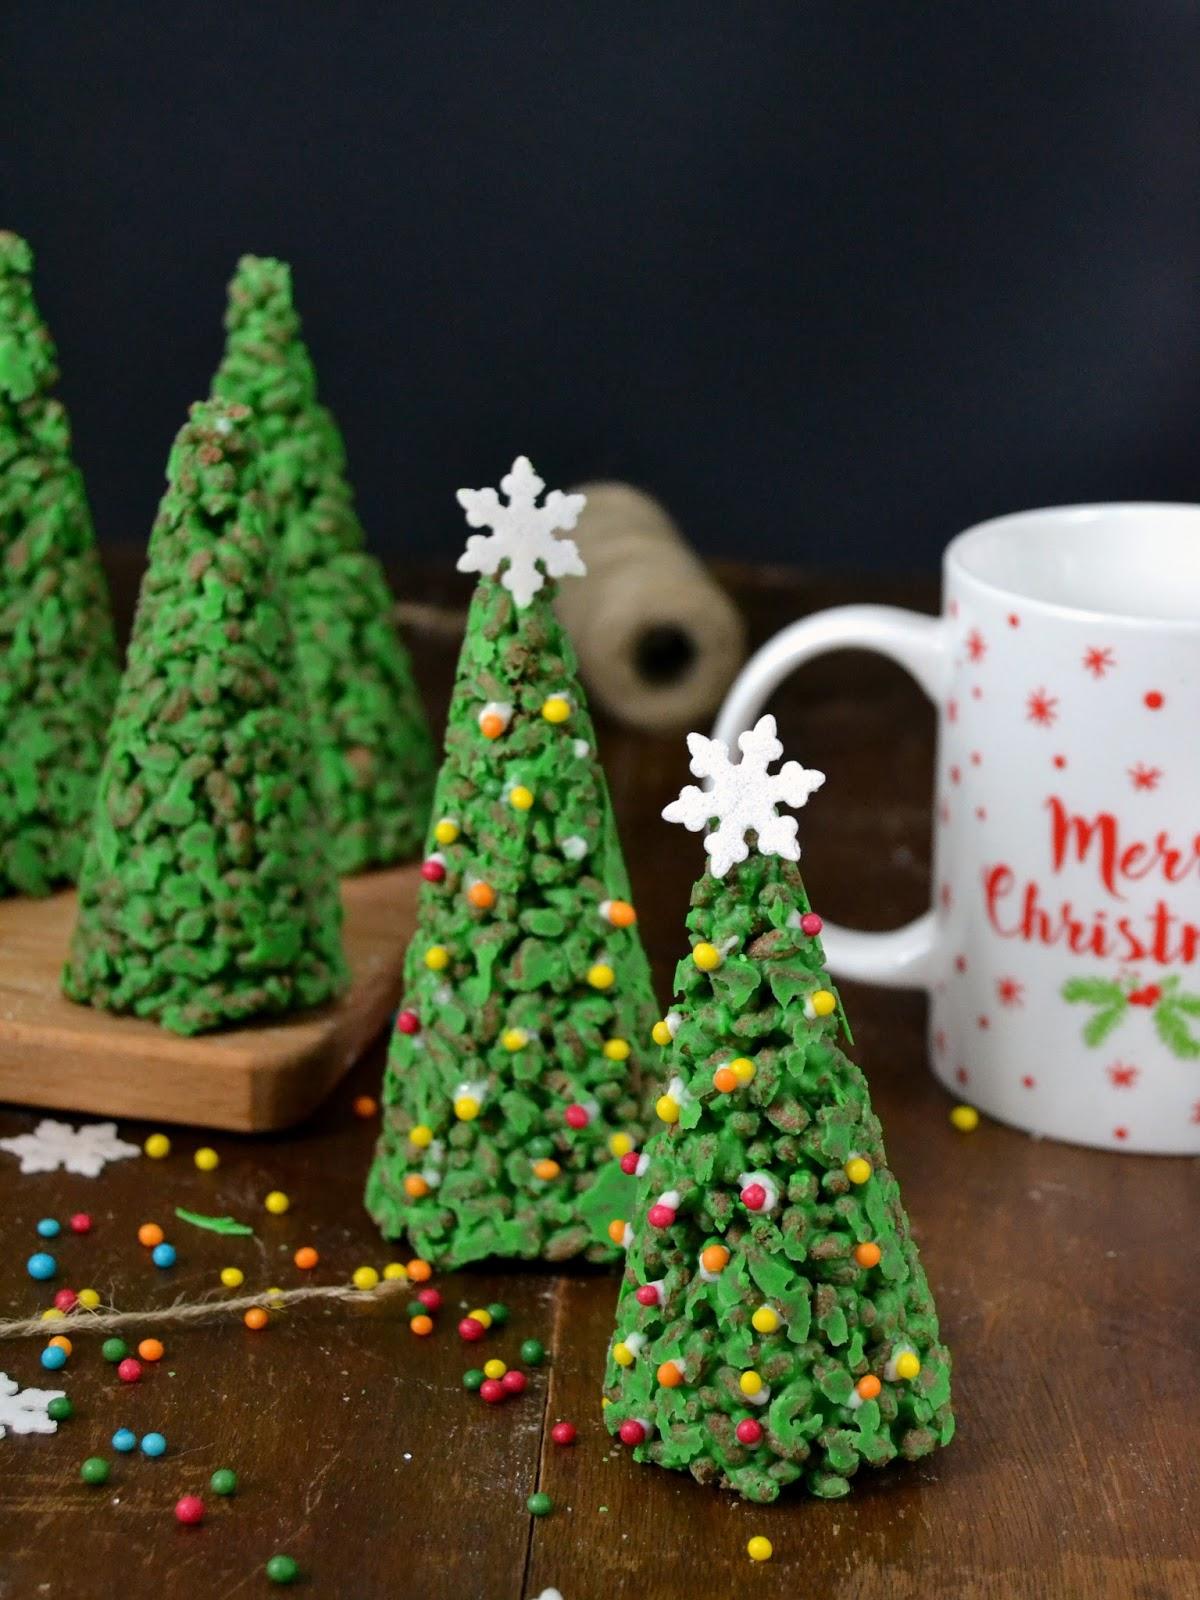 cmo preparar los rboles de navidad de chocolate blanco y arroz inflado